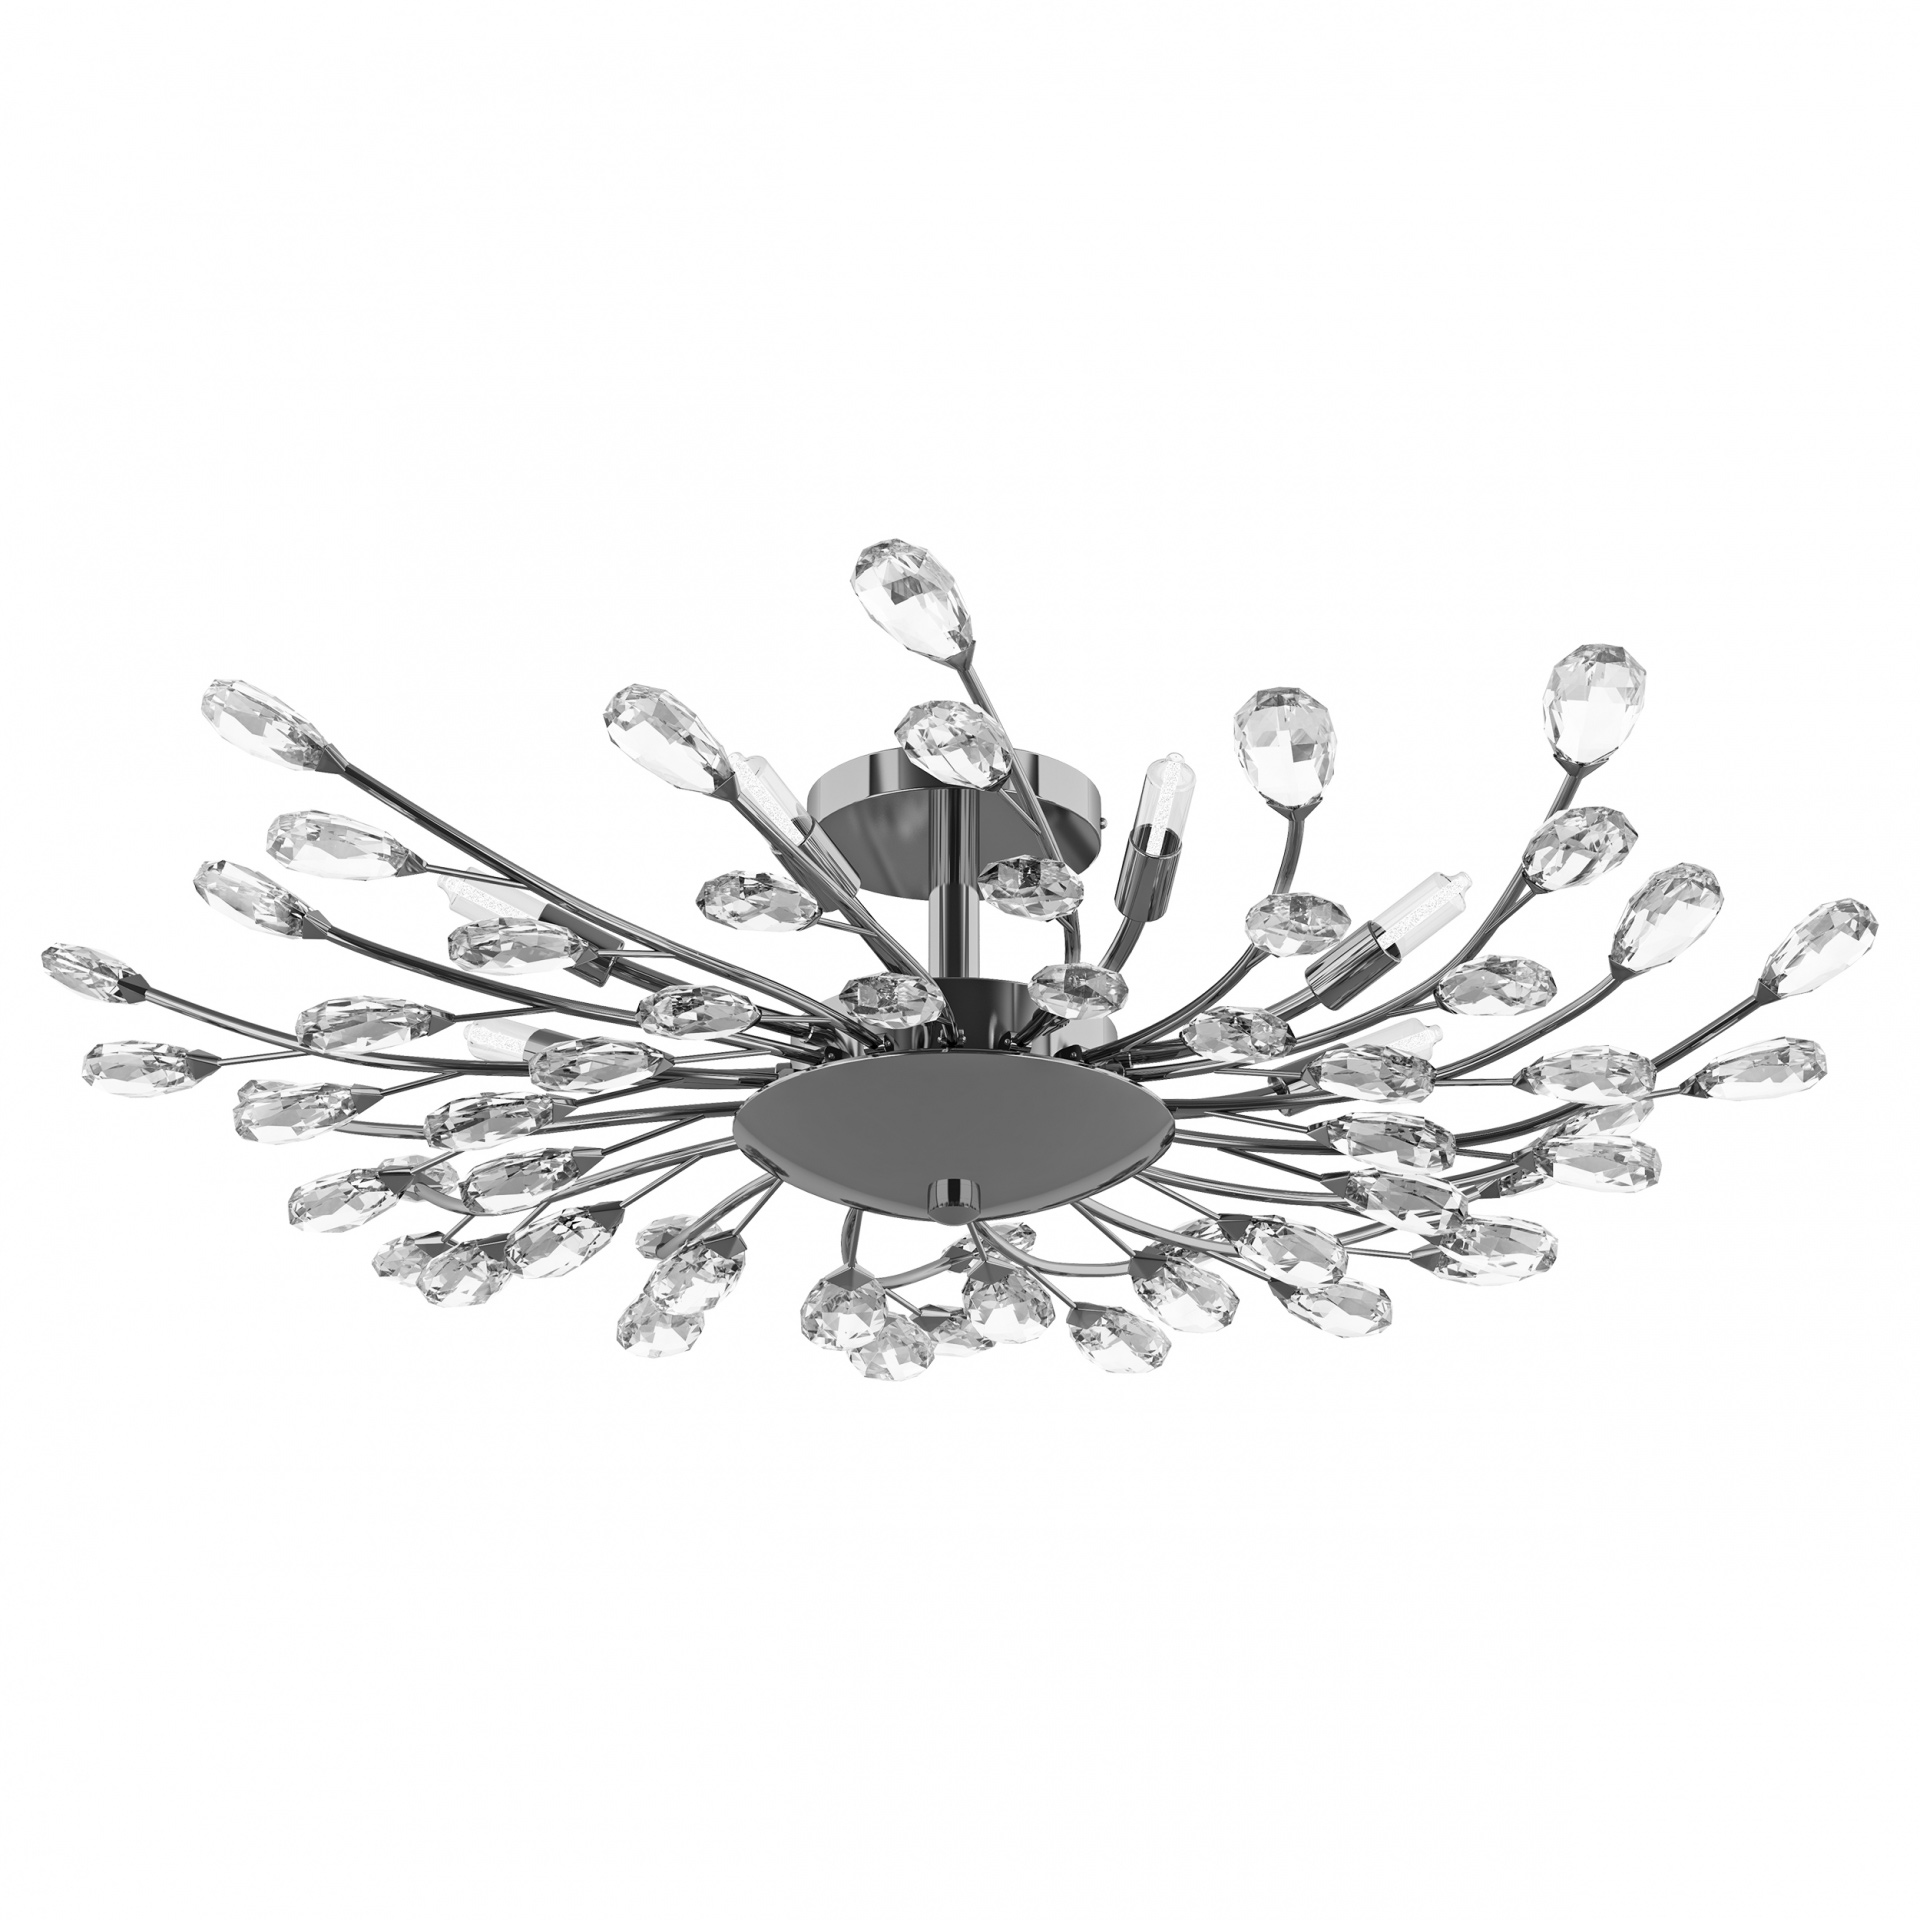 Люстра потолочная Isabelle 8х40W G9 хром Lightstar 791184, купить в СПб, Москве, с доставкой, Санкт-Петербург, интернет-магазин люстр и светильников Starlight, фото в жизни